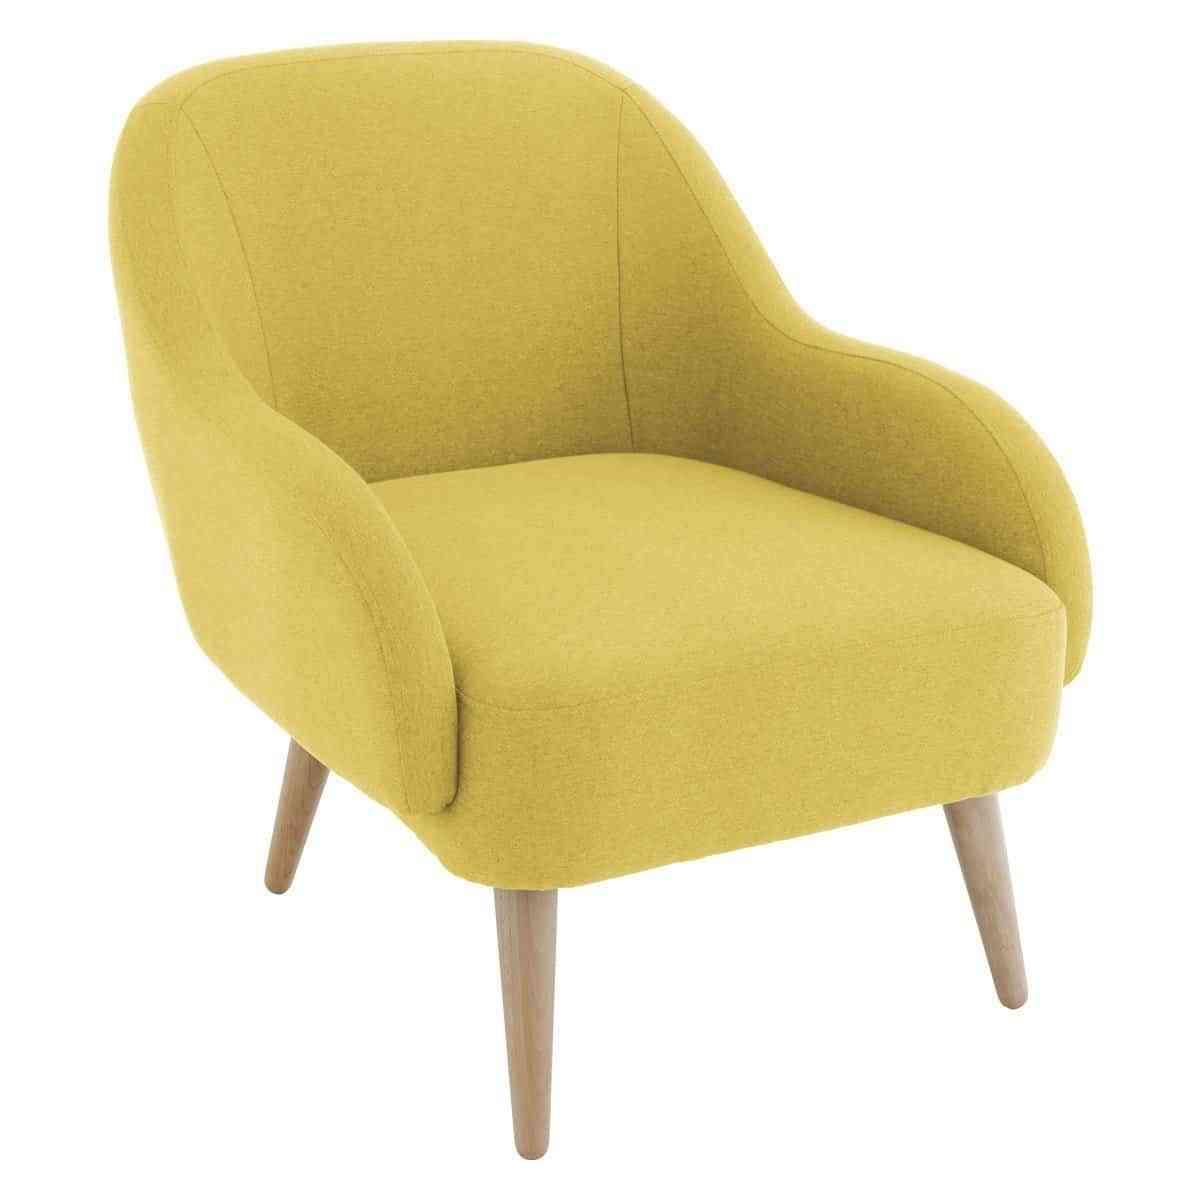 Tìm hiểu tính cách của bạn qua kích thước sofa tại nhà - Tim hieu tinh cach cua ban qua kich thuoc sofa tai nha 1